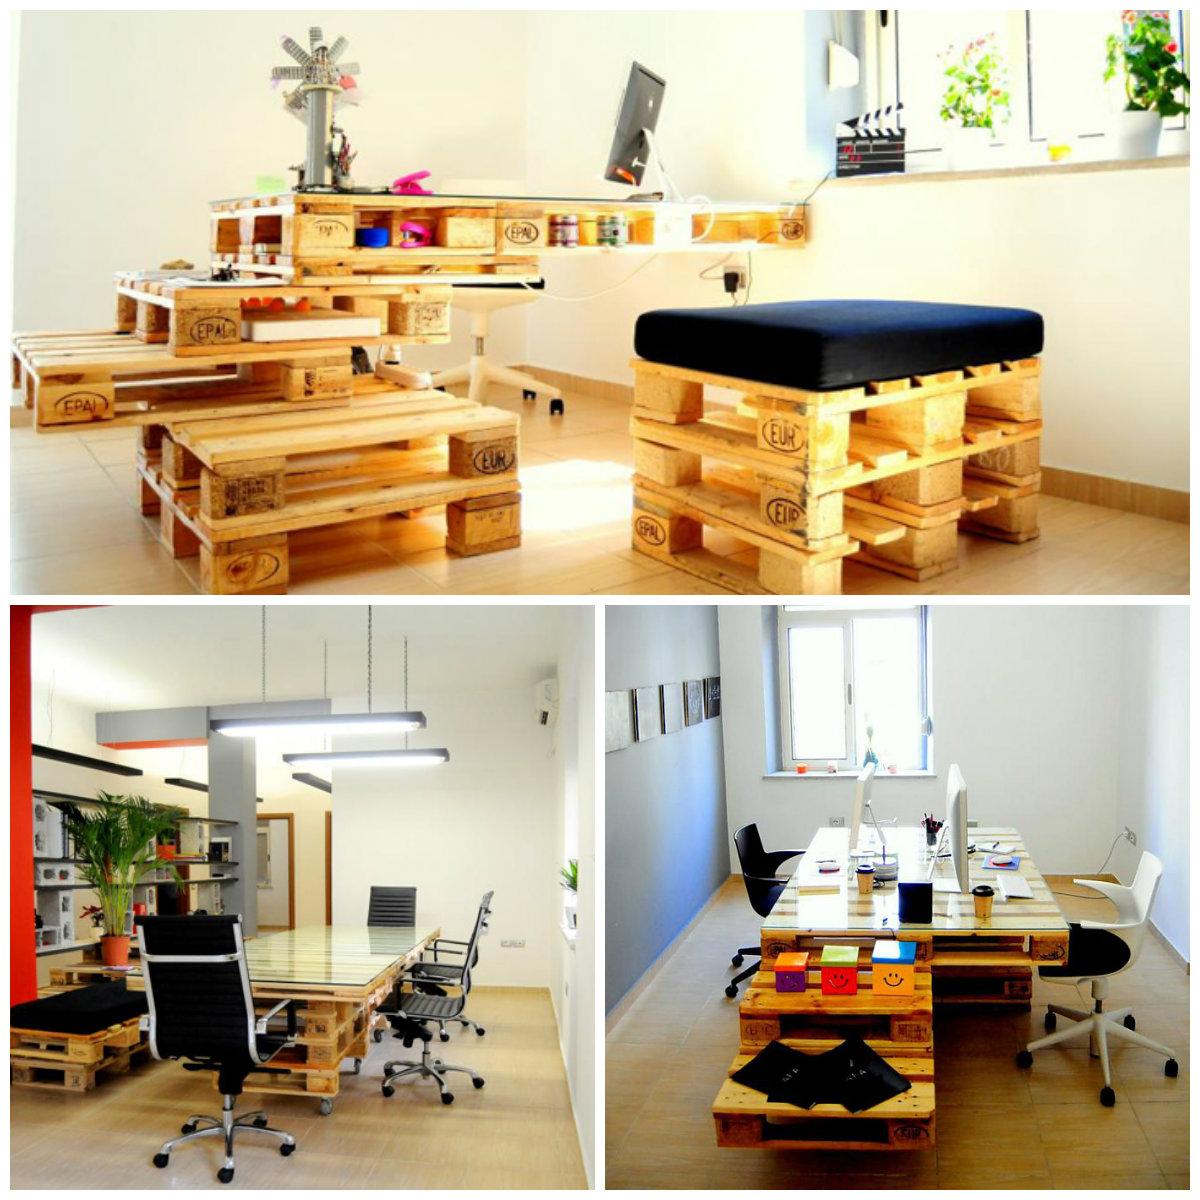 Офисная мебель из деревянных поддонов